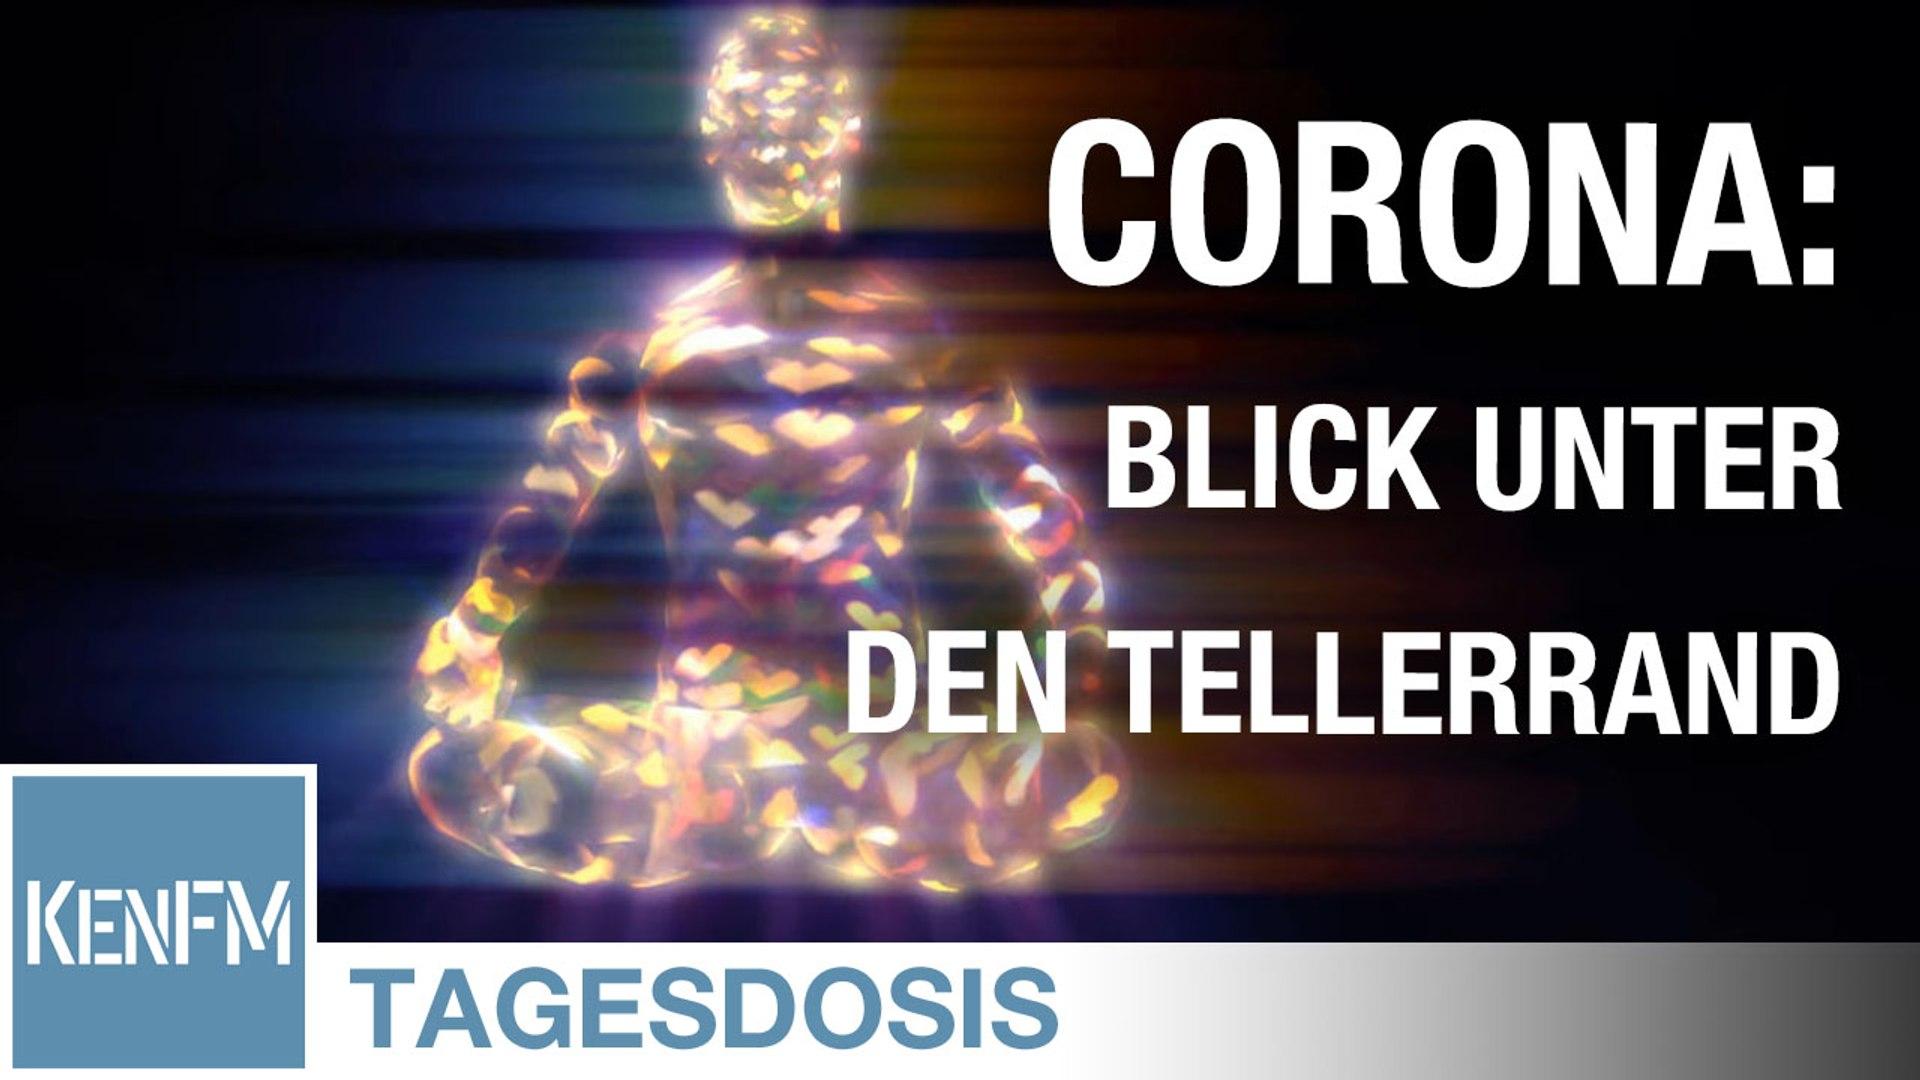 Tagesdosis 5.5.2020 - Der Blick unter den Tellerrand in Zeiten von Corona